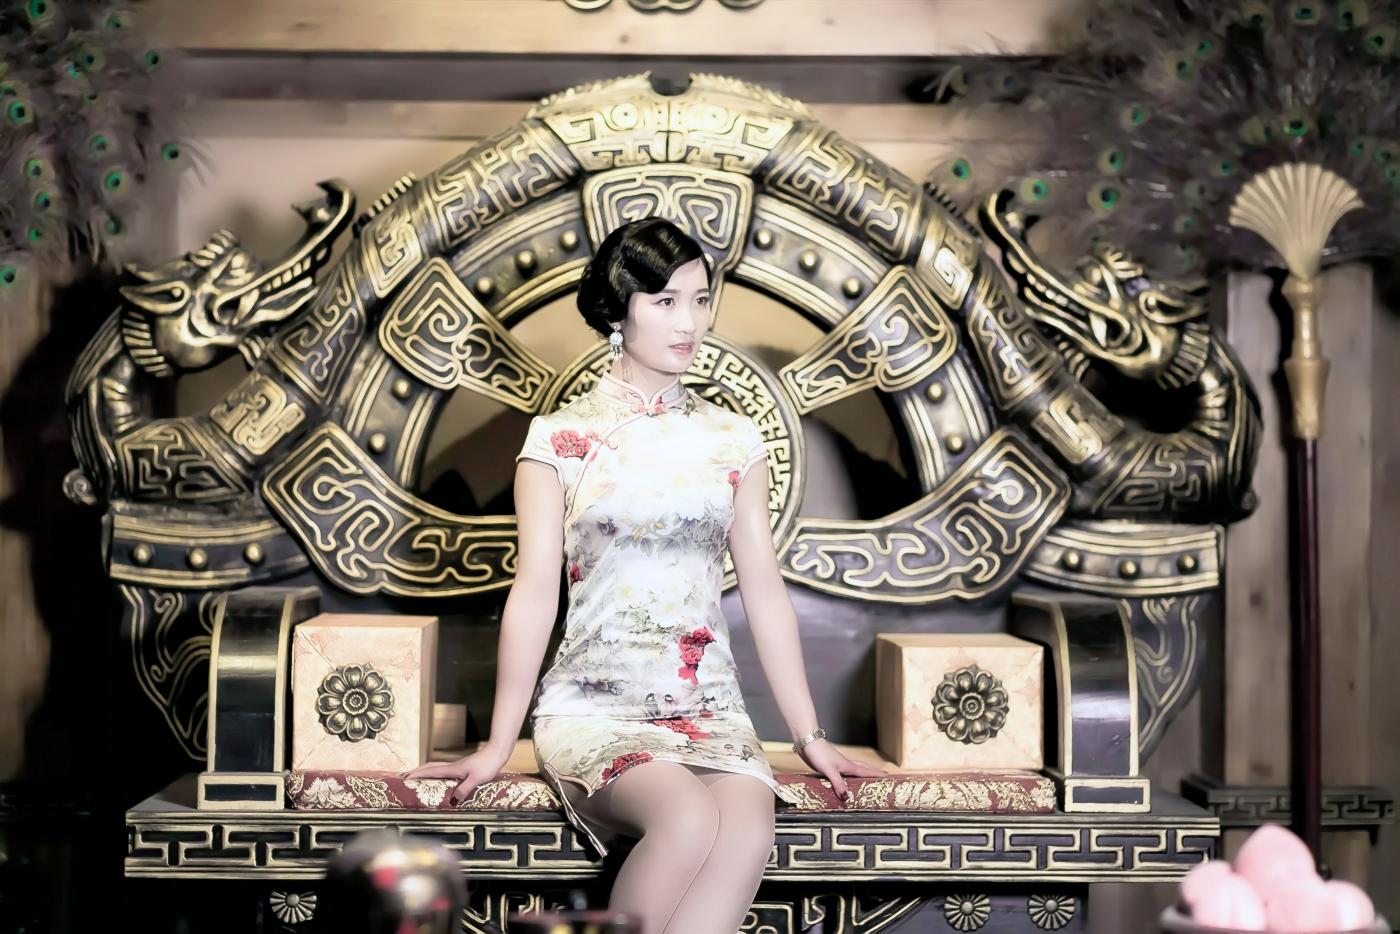 当临沂女孩孔孙懿凡遇到旗袍 一样会像王的女人一样高贵典雅 ..._图1-22